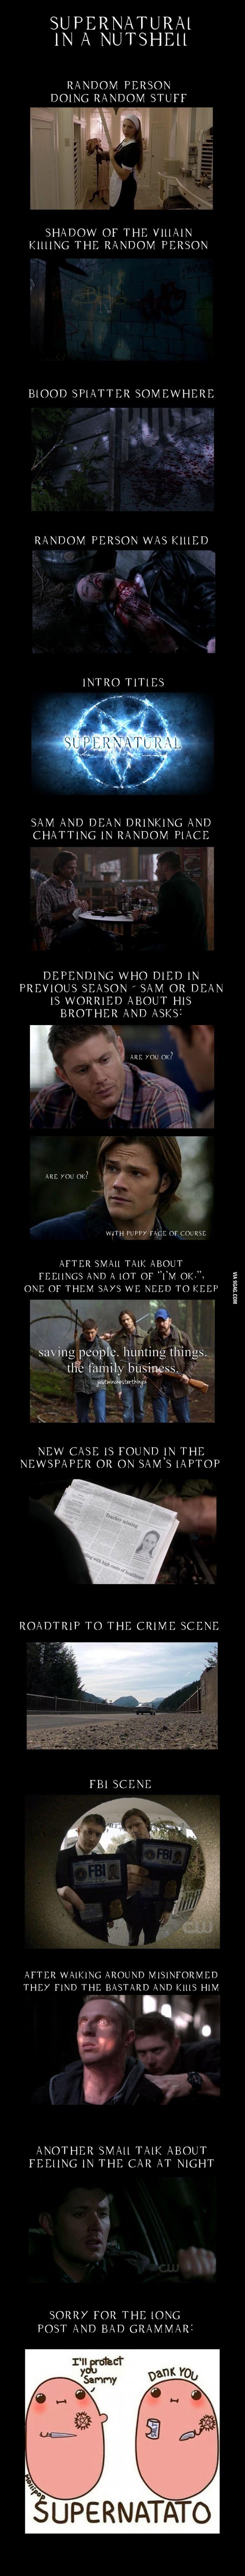 Supernatural is like deja vu after 10 seasons  Will still watch every show.